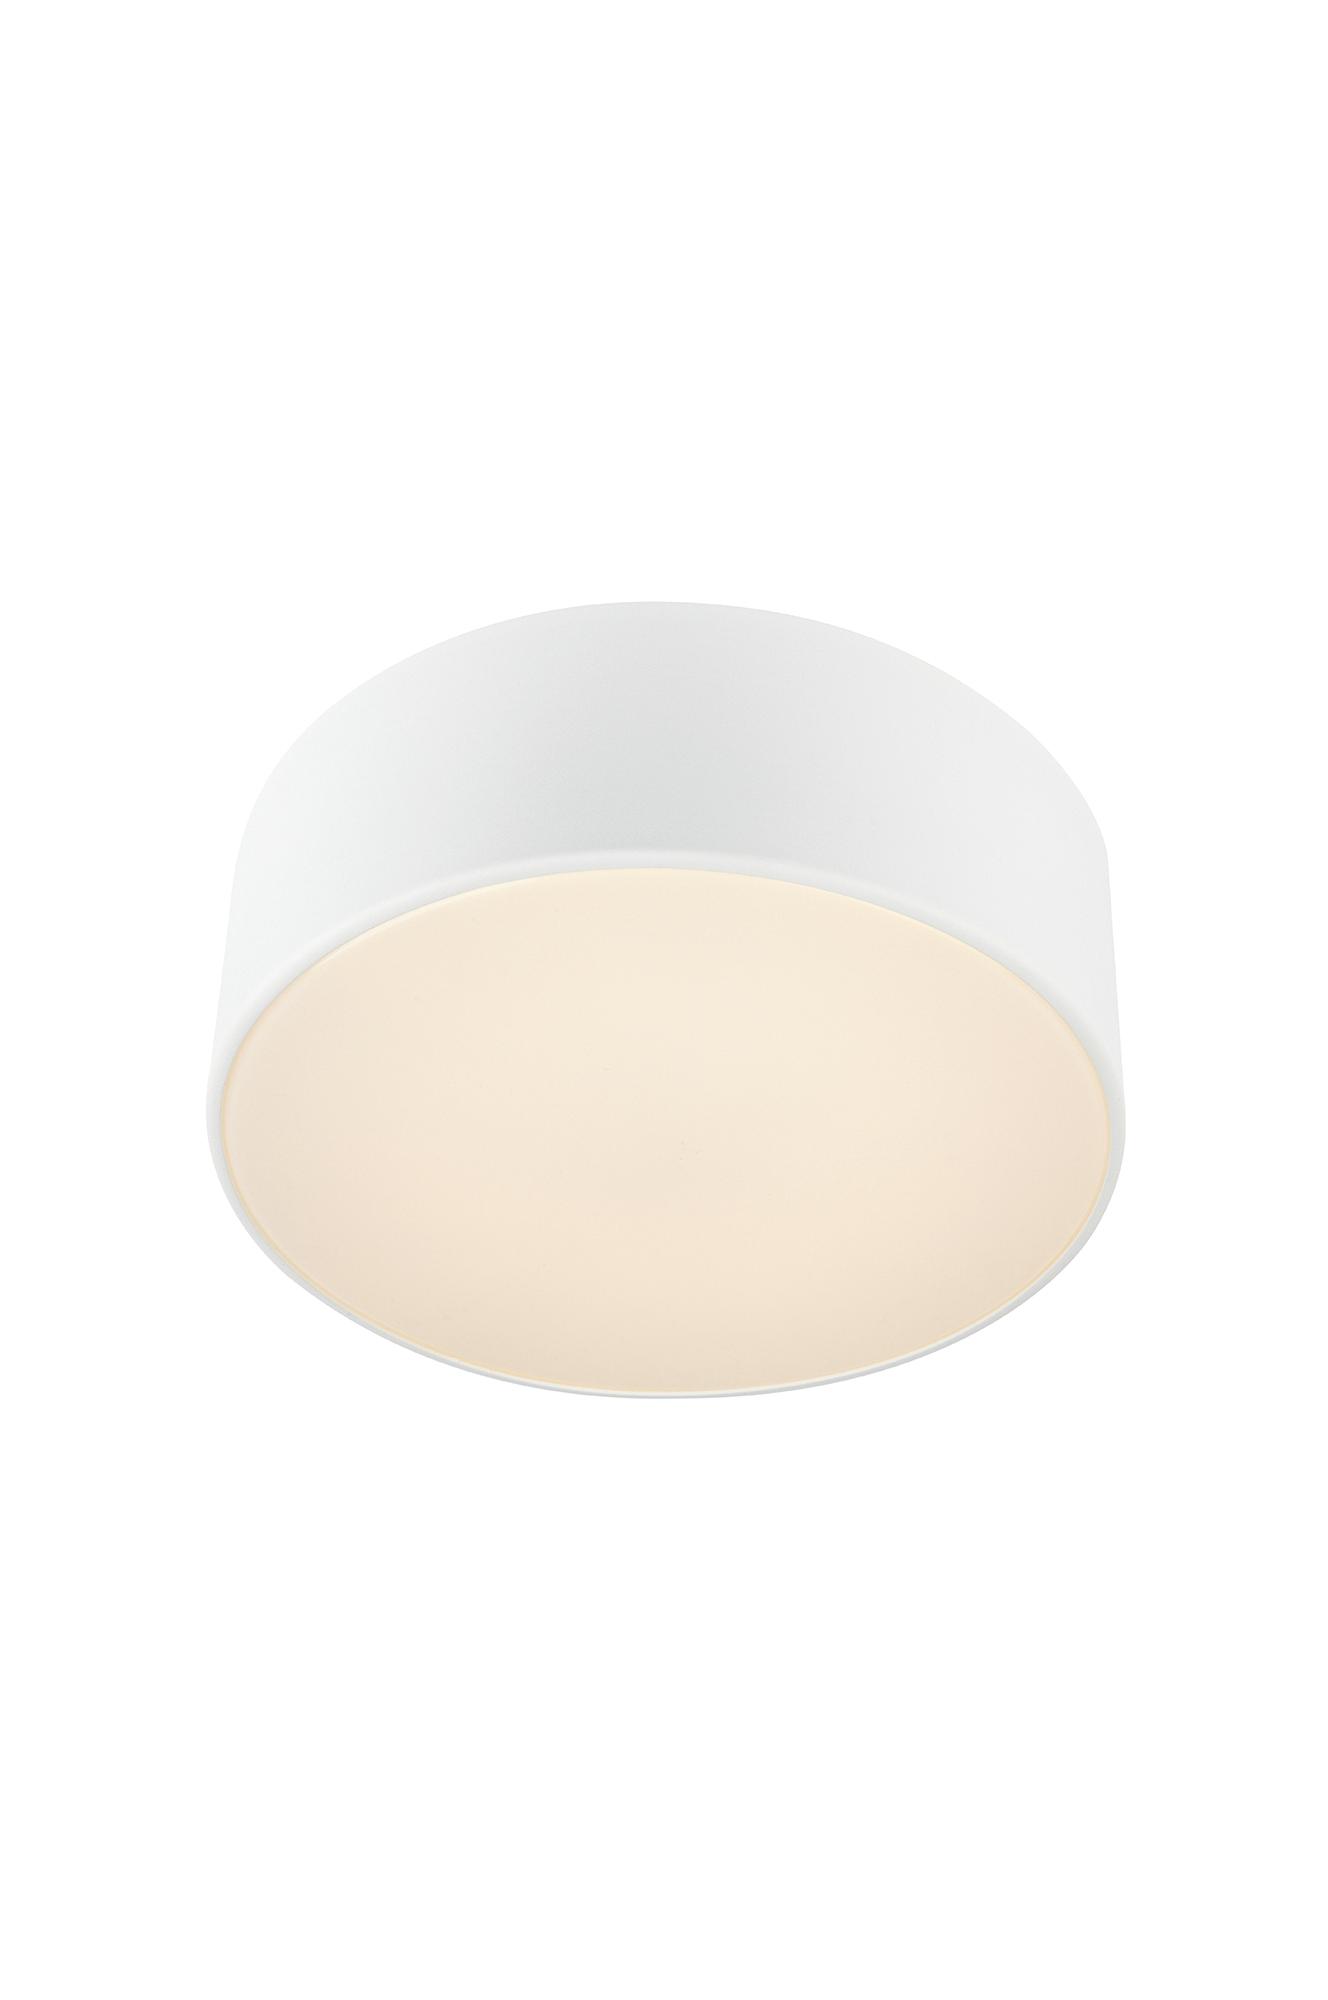 Facile takplafond for baderom fra Markslöjd. Base i metall og kuppel i akryl. Innebygd LED. 9W, 300 Lumen, varmhvit 3000K. Fast, jordet installasjon, skal installeres av elektriker. Godkjent for bruk i baderom. IP44. Ikke dimbar. Lengde 28, bredde 28, høyde 10 cm.